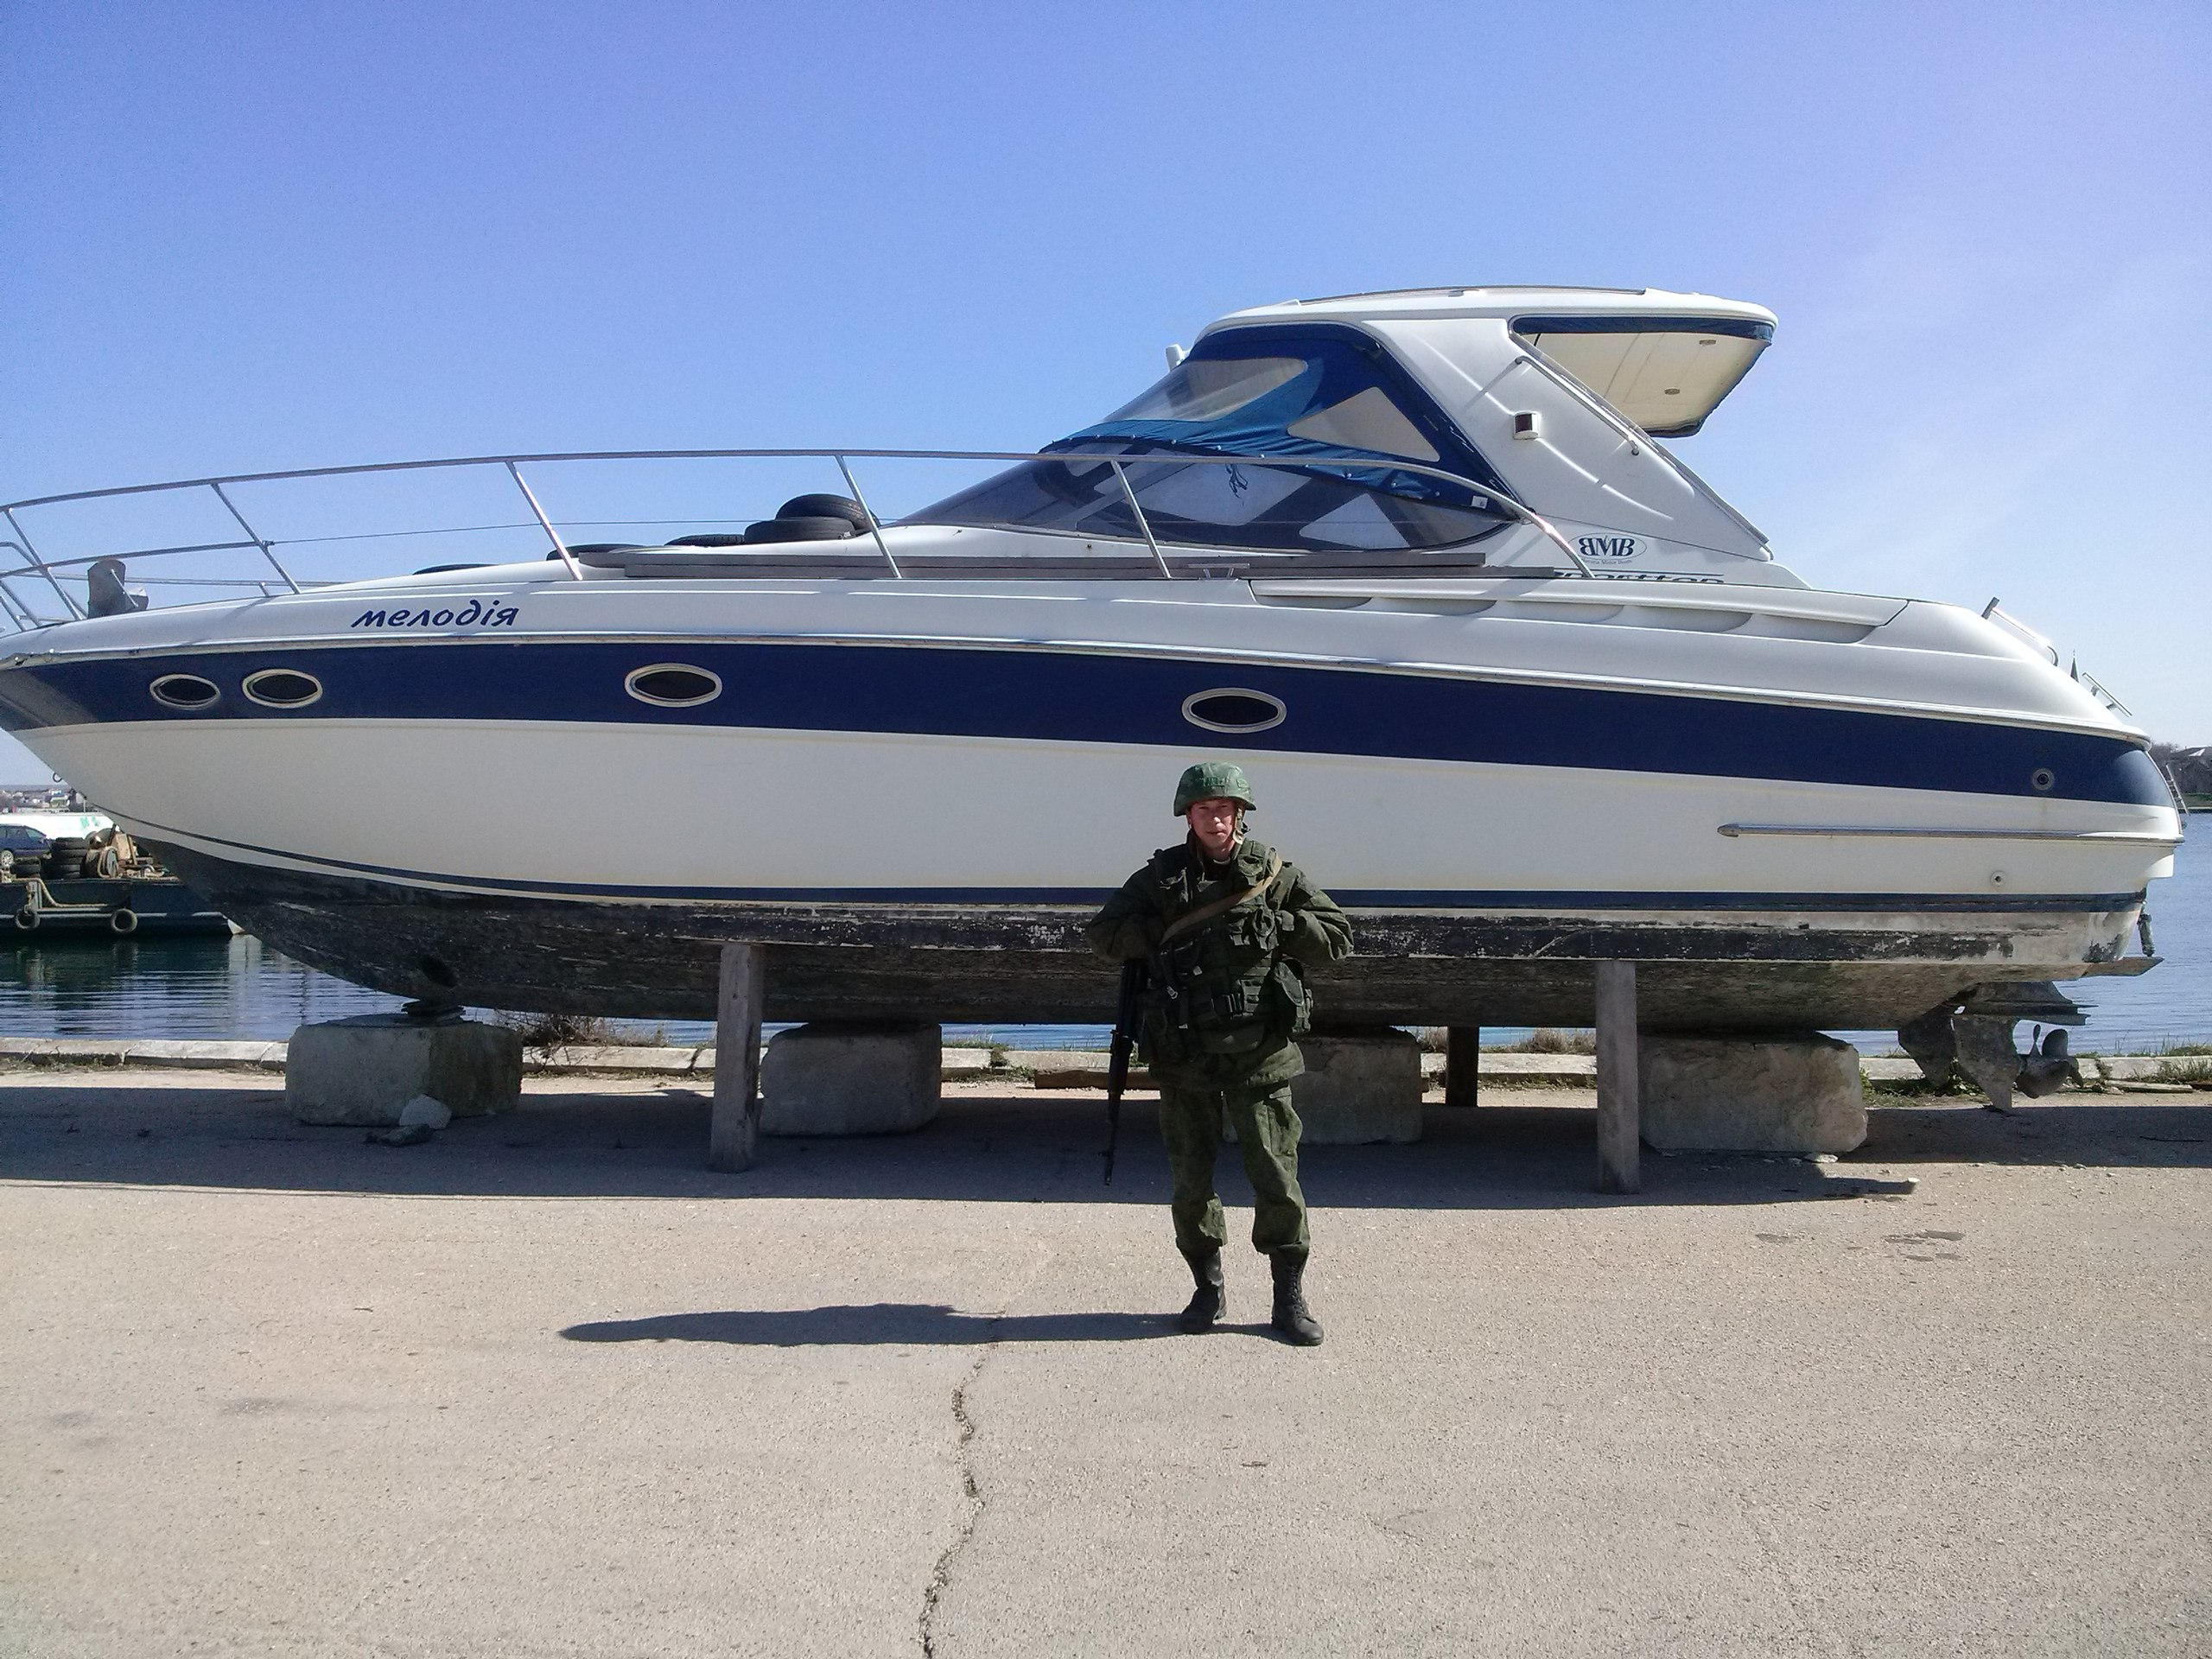 Совбез ООН провел закрытые консультации по ситуации на Донбассе - Цензор.НЕТ 7595